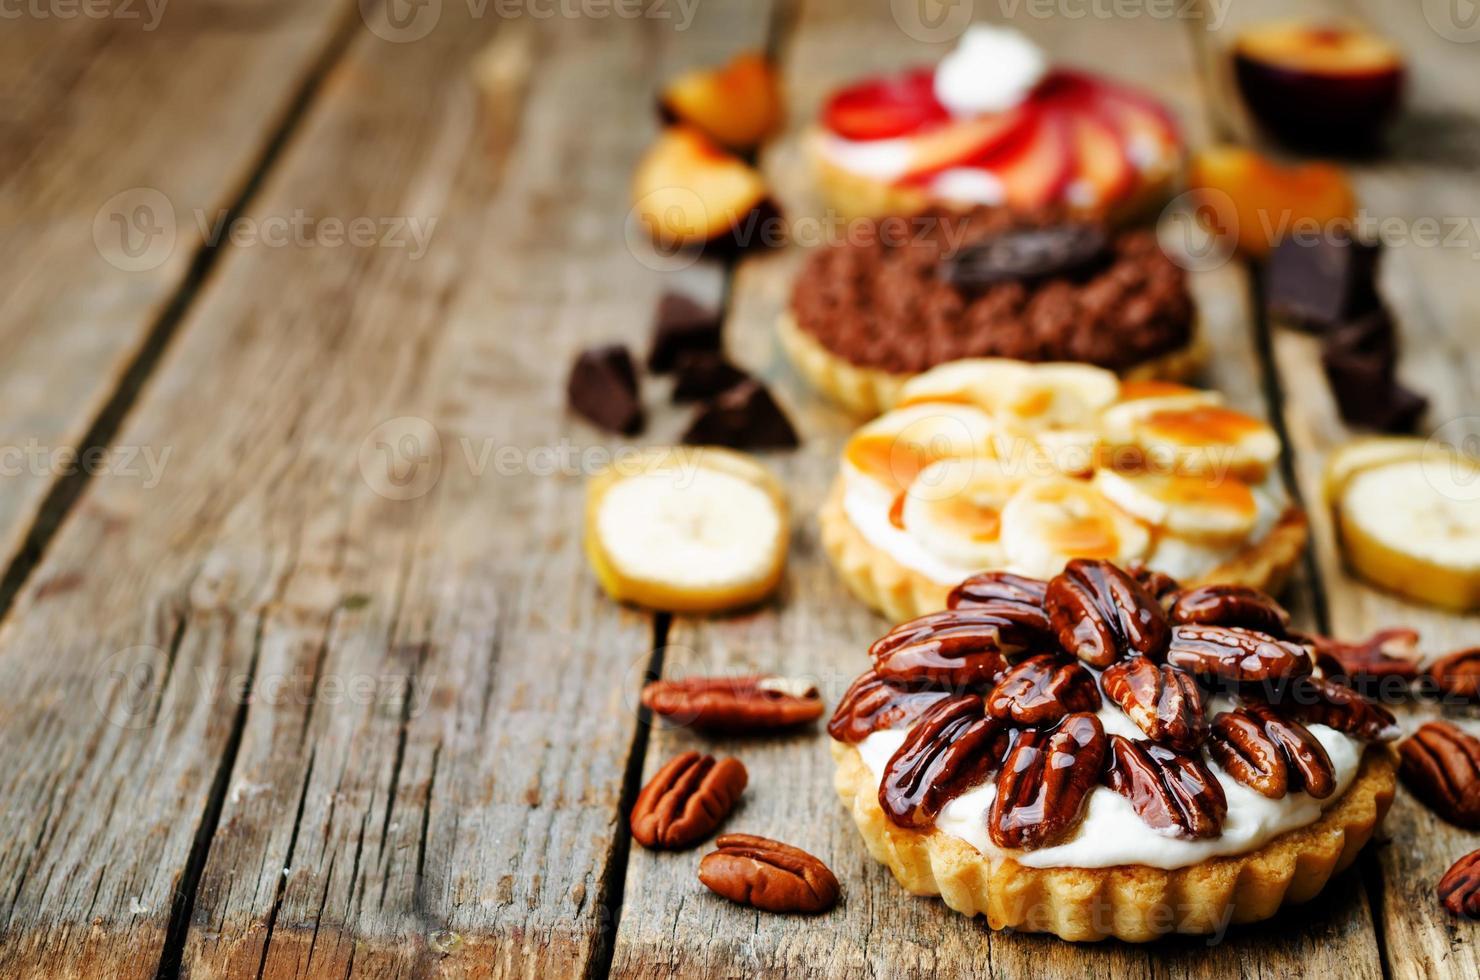 Banane gesalzen Karamell Schokolade Pflaumen Honig Pekannuss Törtchen foto